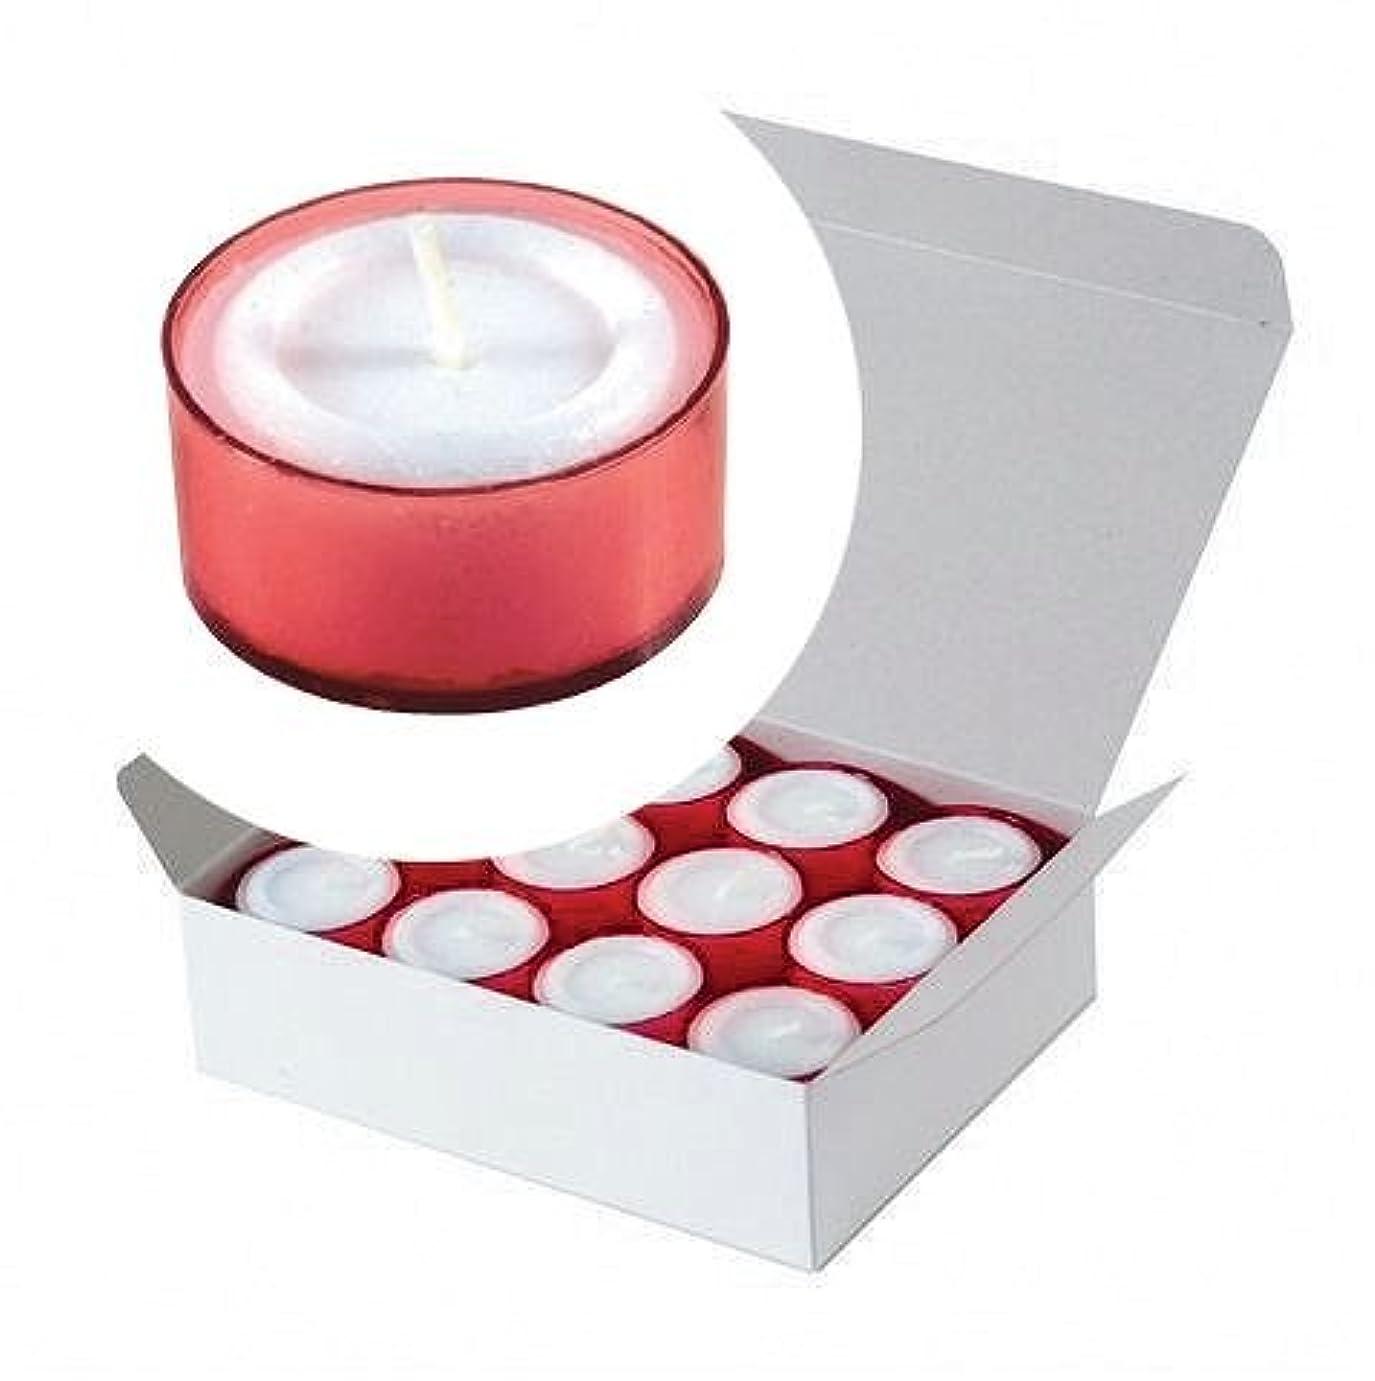 オセアニアめまい曲げるカメヤマキャンドル(kameyama candle) カラークリアカップティーライト24個入り 「 レッド 」